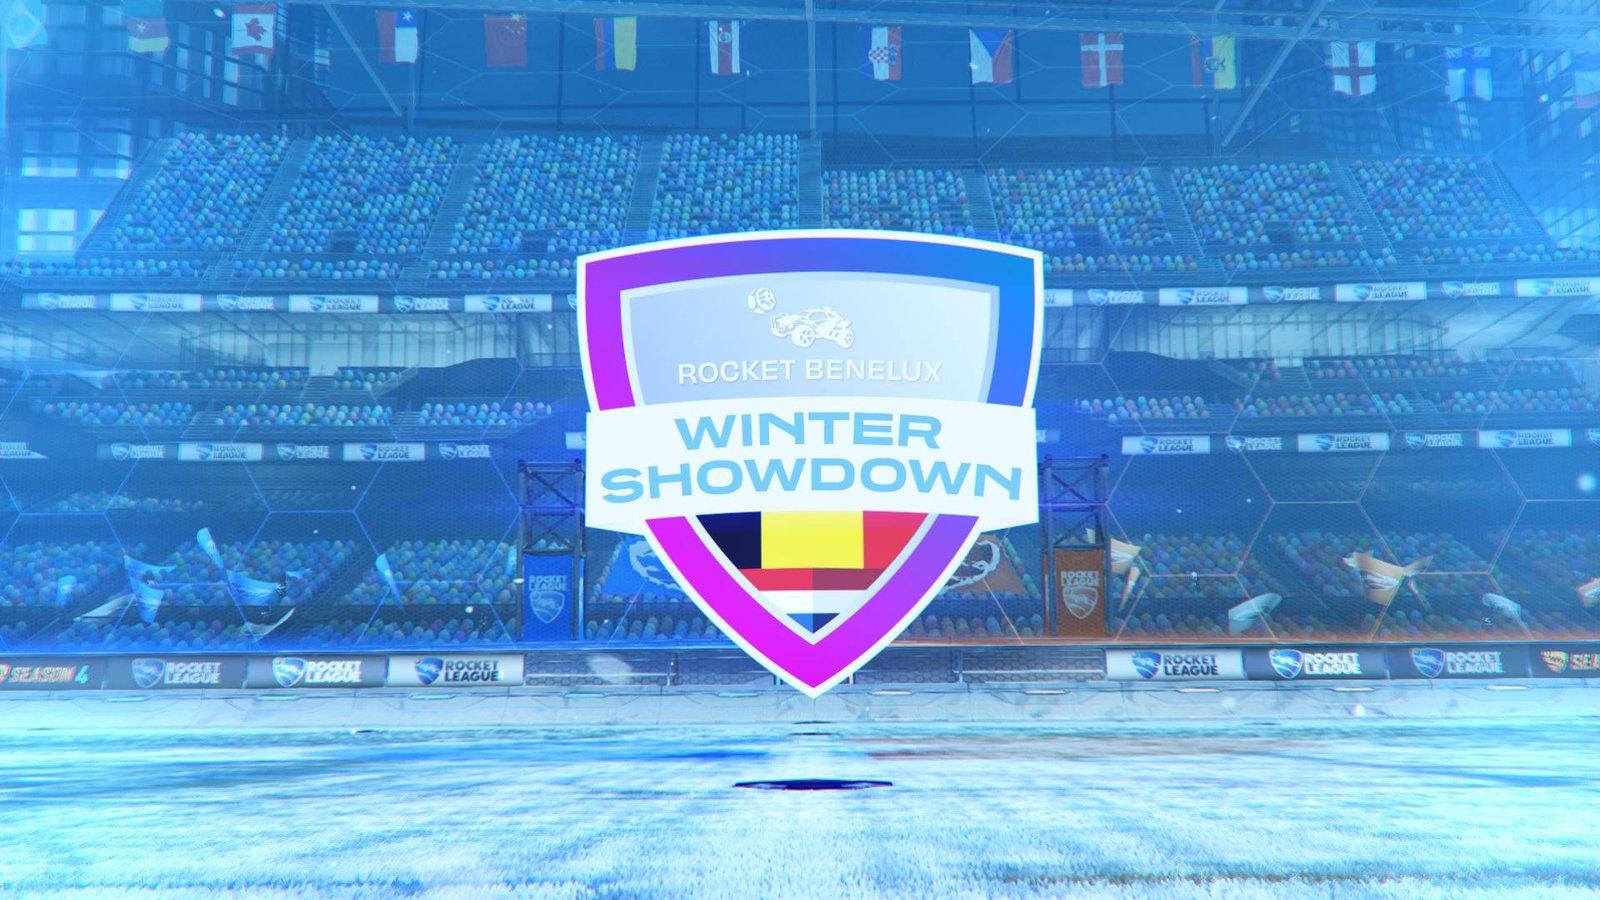 Gekwalificeerde teams Rocket Benelux Winter Showdown zijn bekend